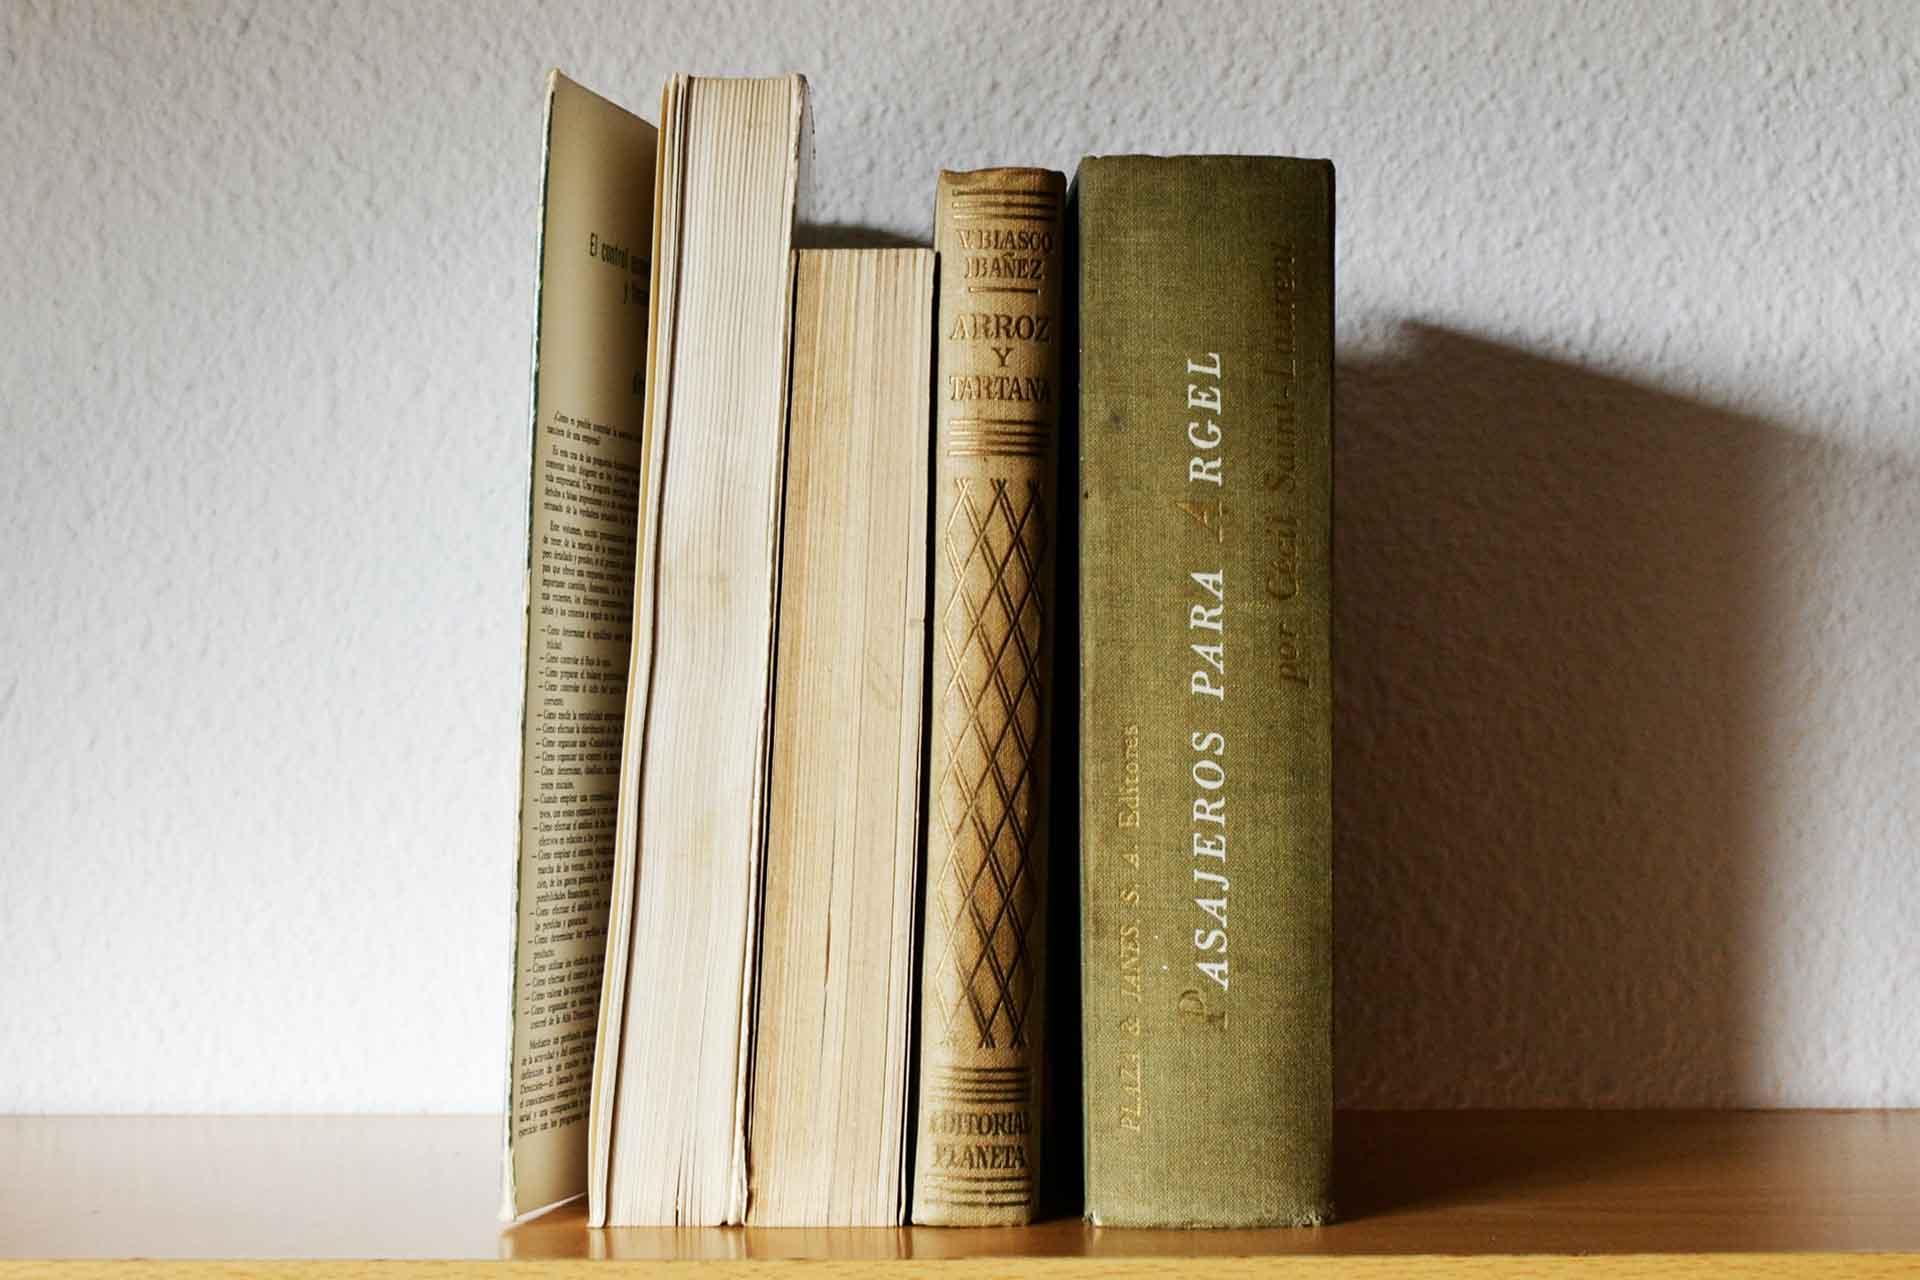 布張りの本だけを表向きペーパーバックは後ろ向きに飾った洋書